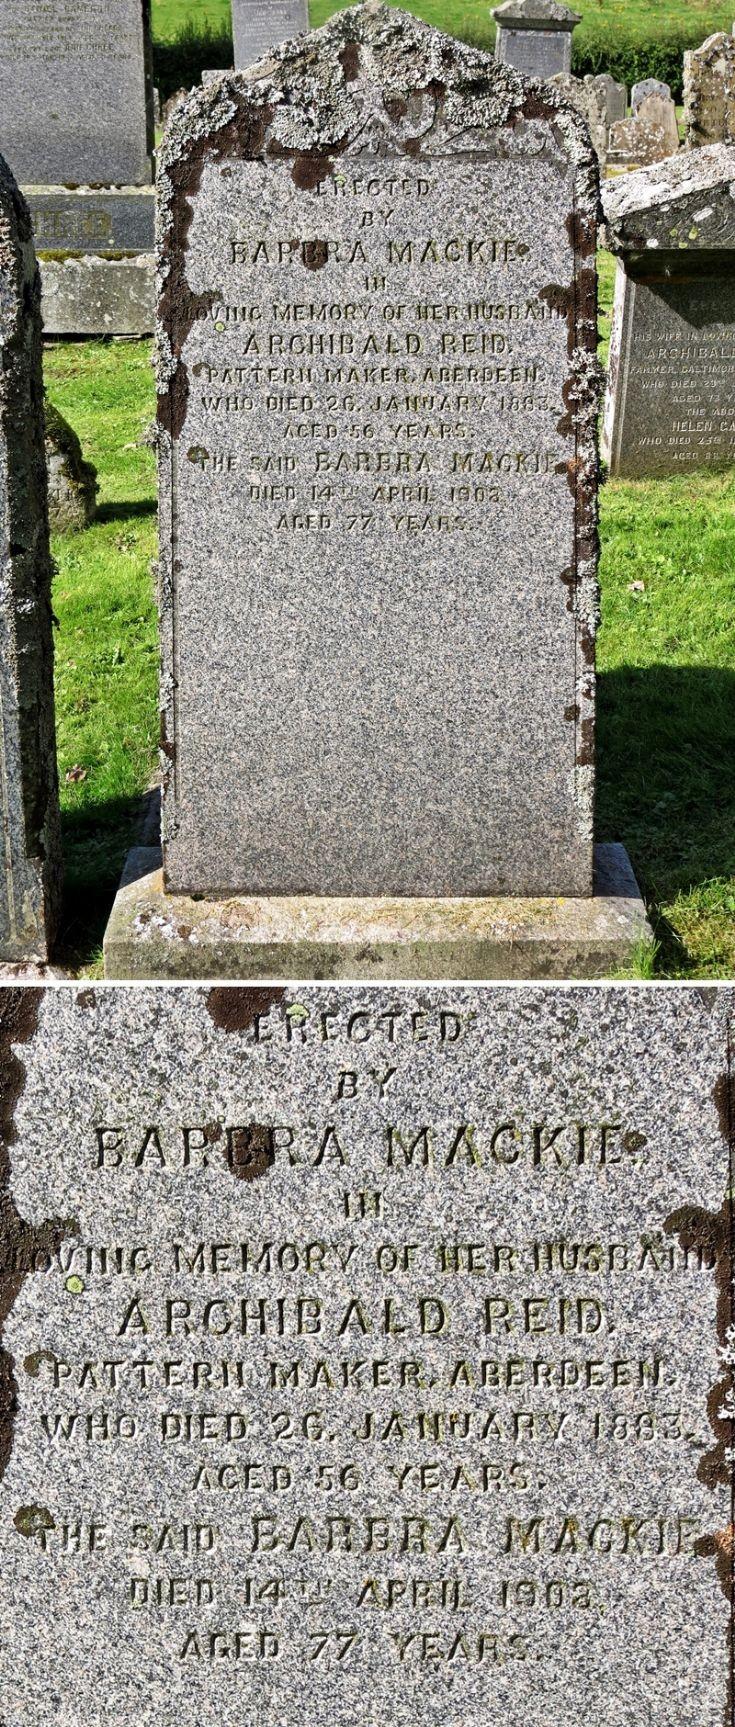 45 Grave No 50 Archibald Reid Pattern Maker